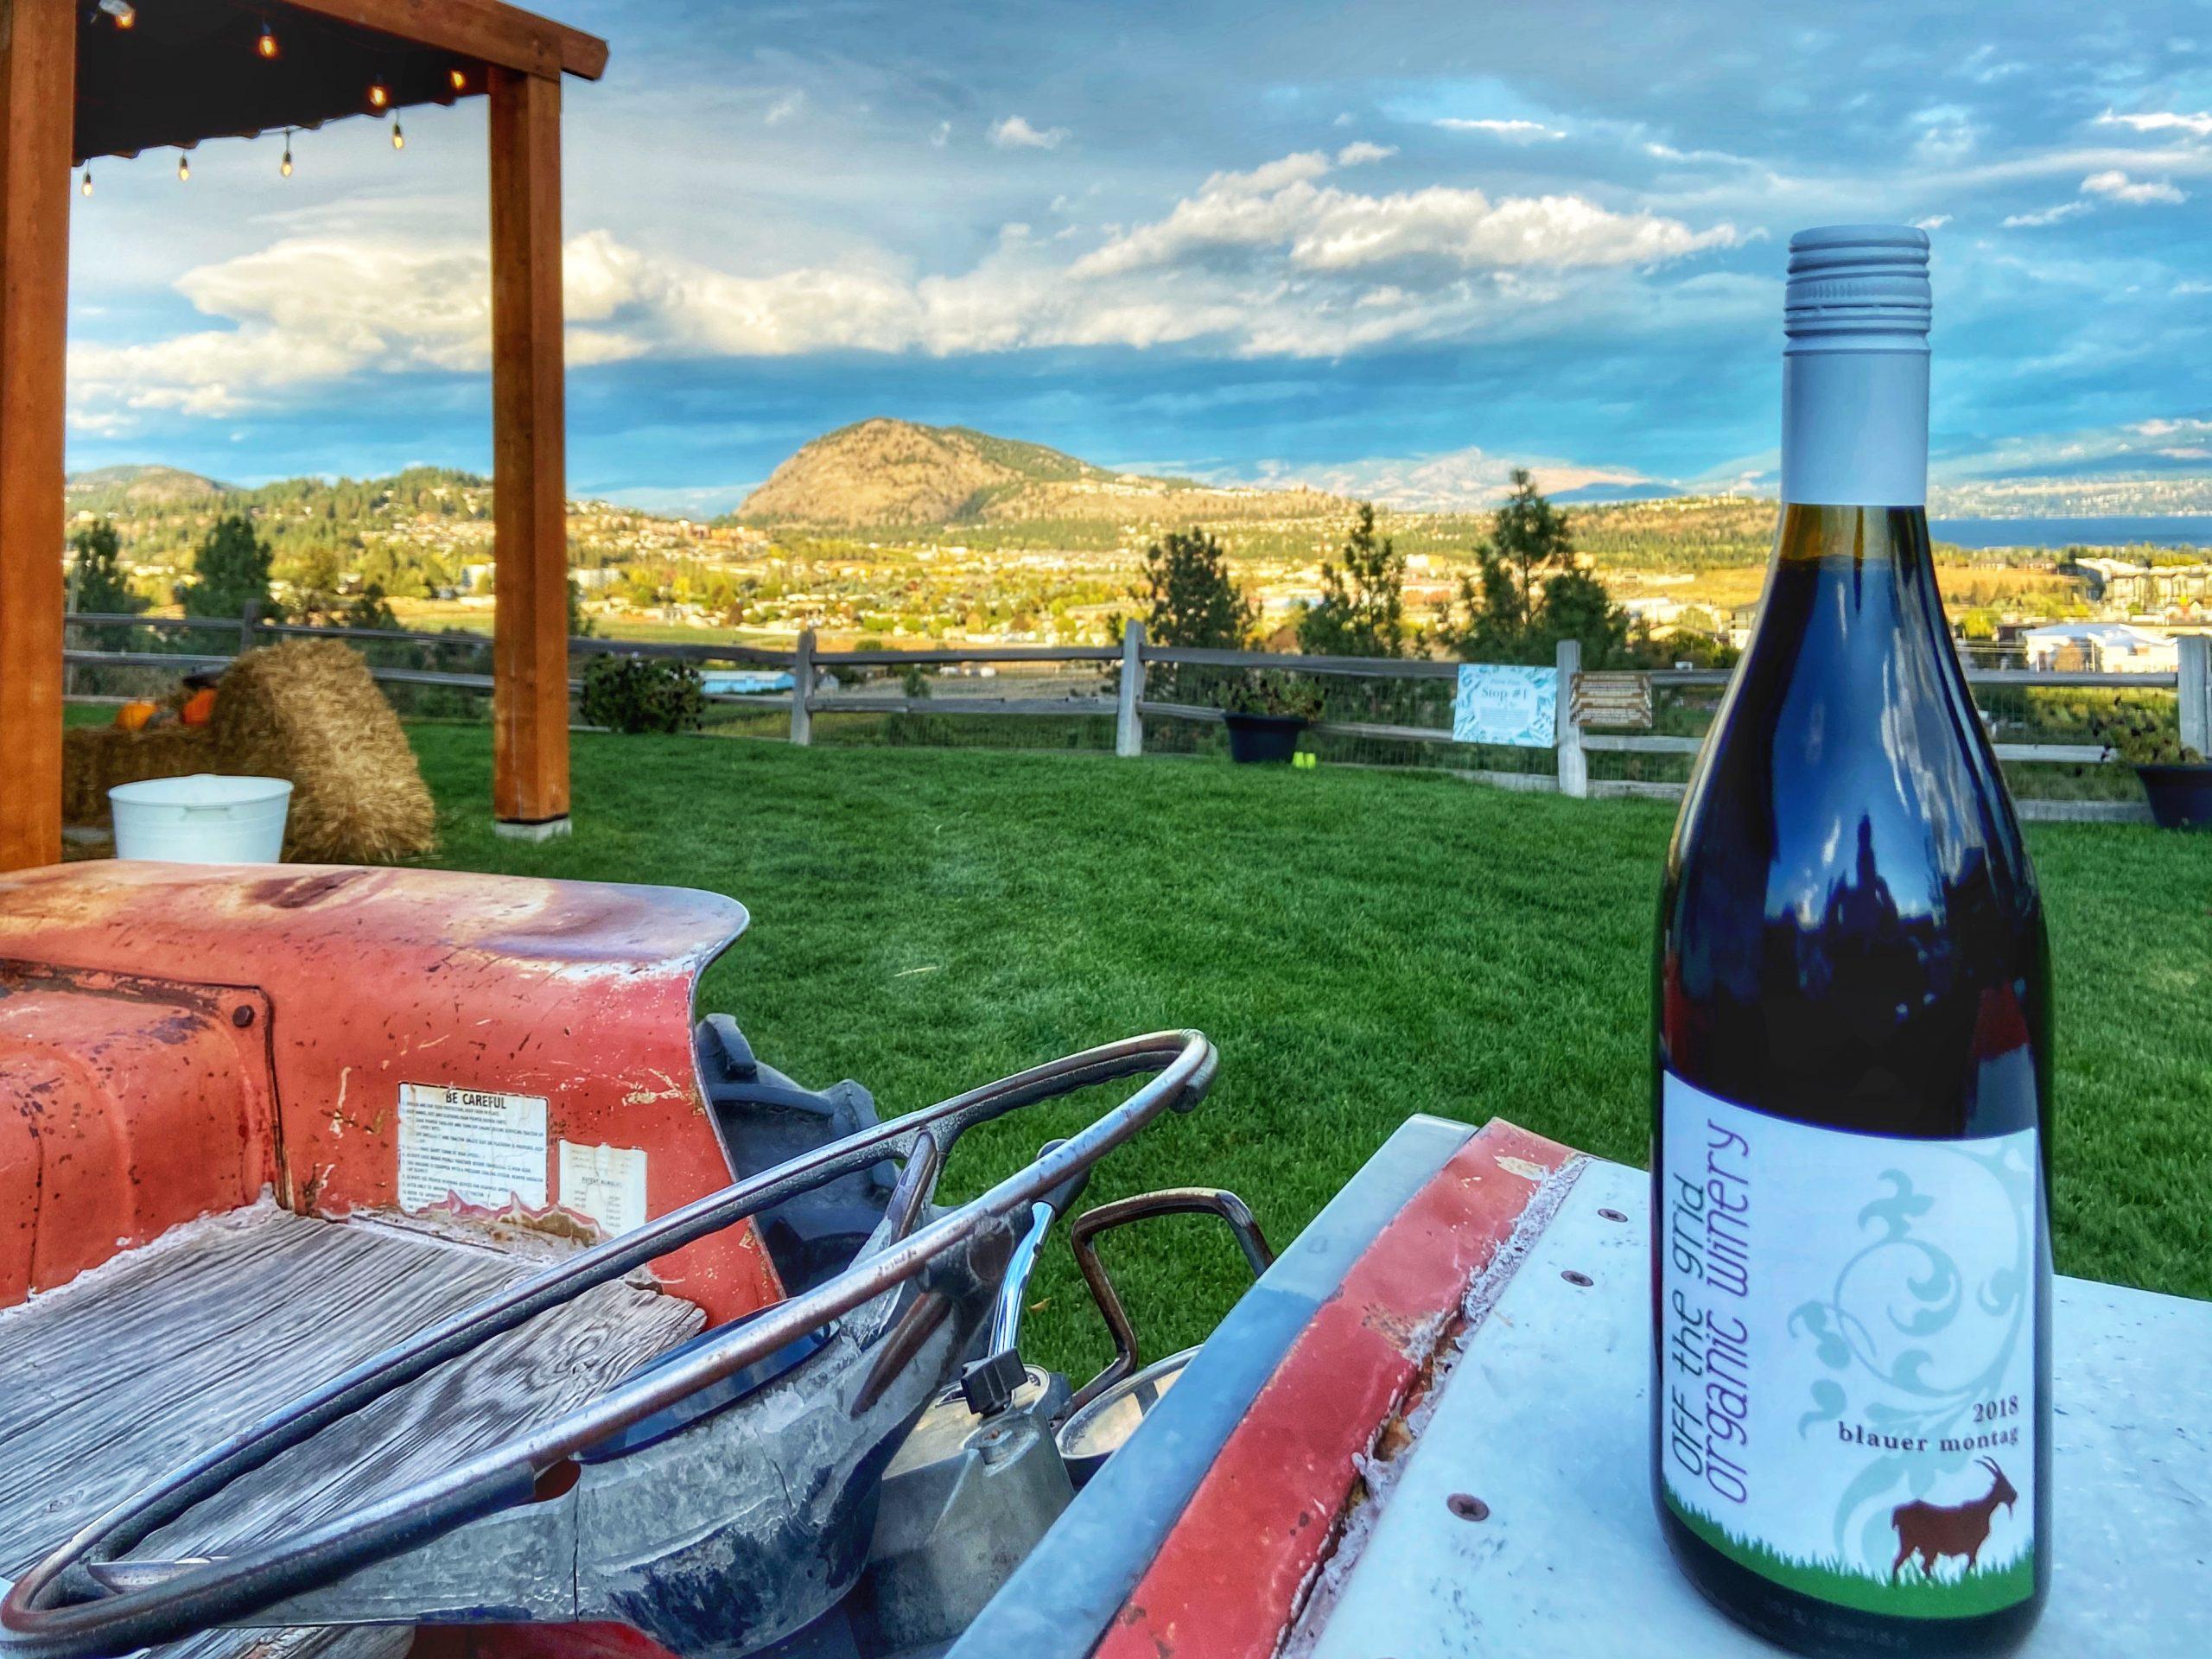 off-the-grid-winery-kelowna-wine-bottle-tractor